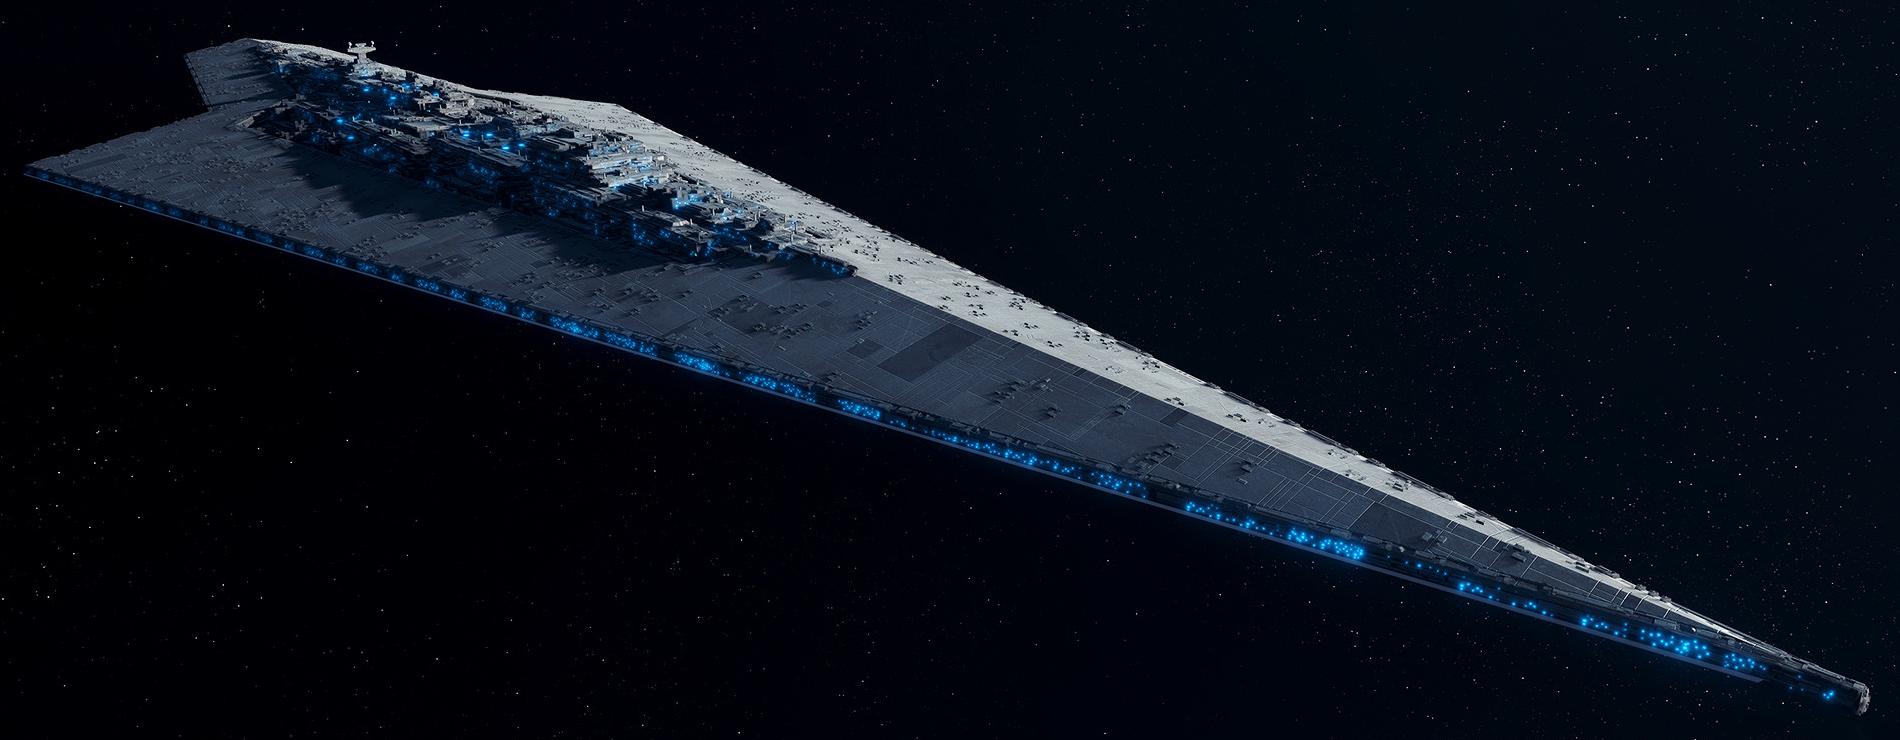 star wars superstar destroyer